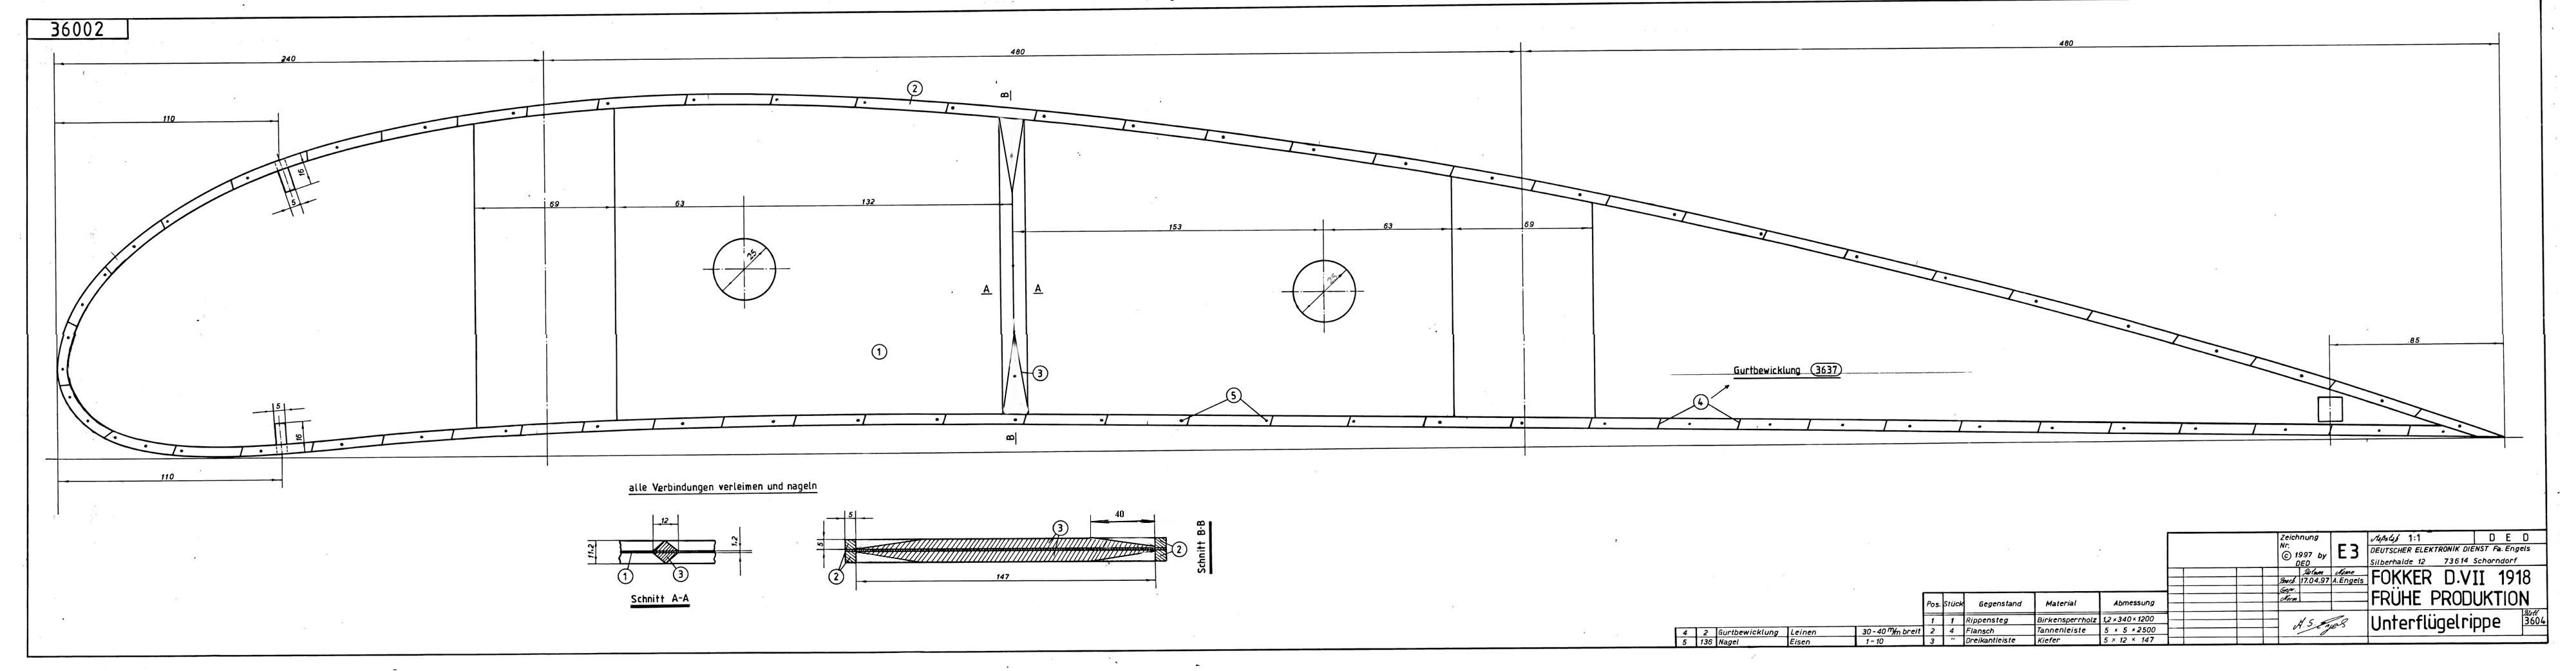 Engels E.3 (Nachbau der Fokker D.VII)- Rippenzeichnung